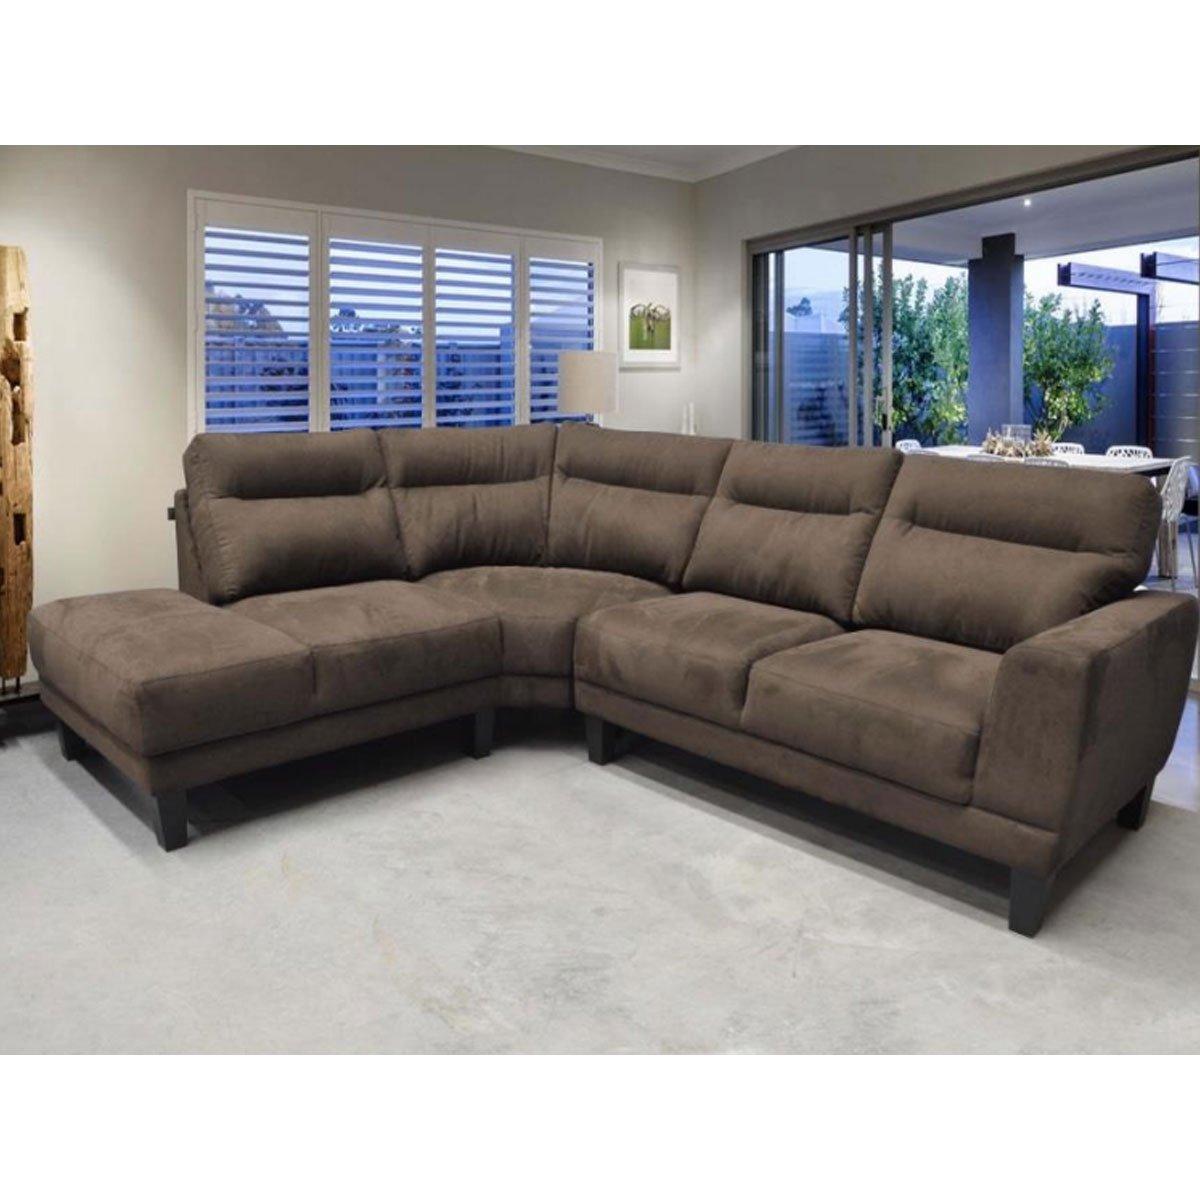 Tela Muebles Excellent El Mueble Decoracion Salones Decorar Con  # Muebles Pompeya